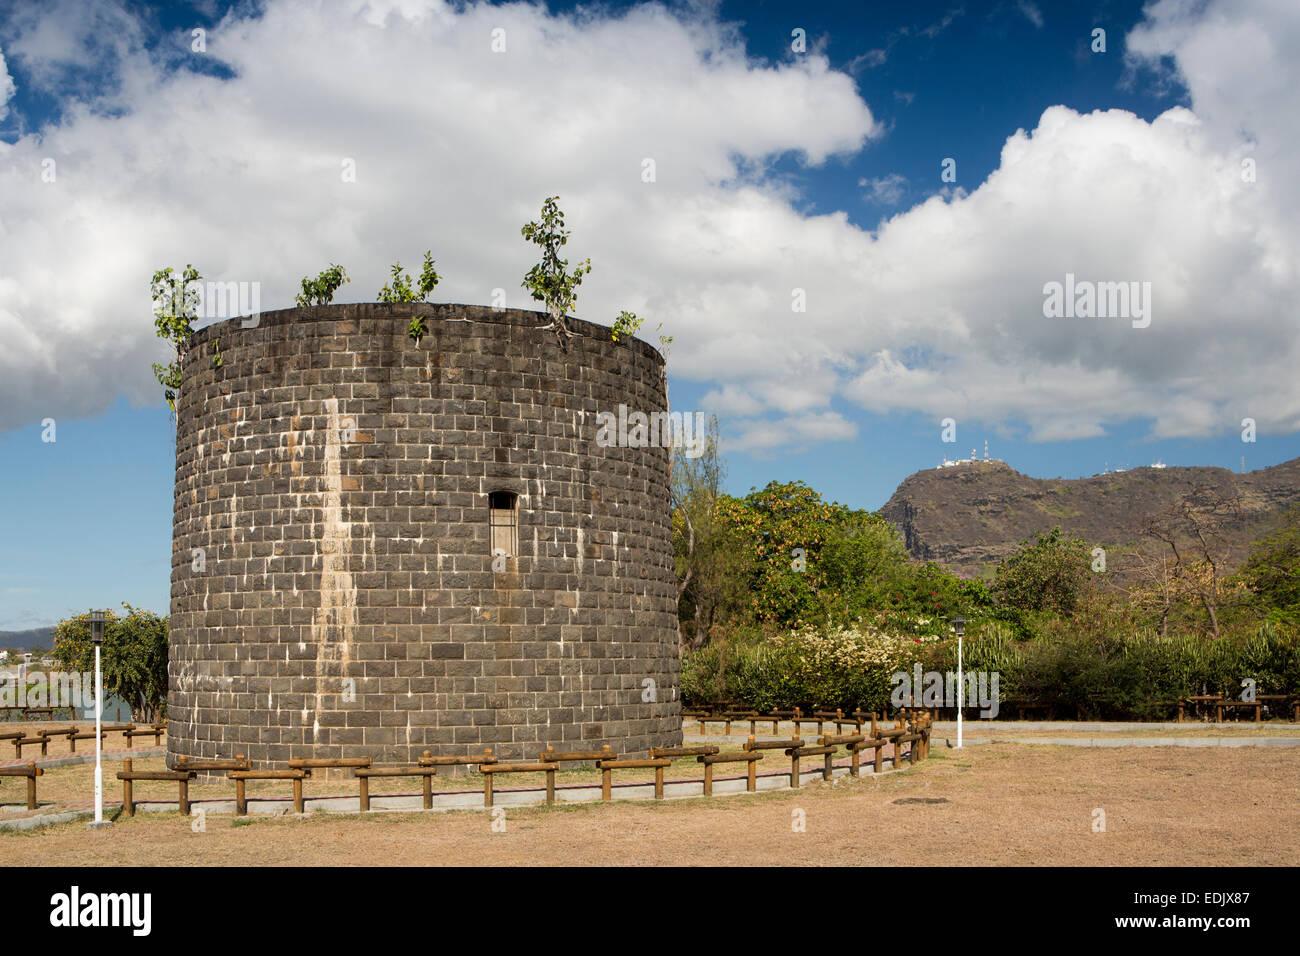 Maurizio, Port Louis, Pointe aux Sables, Martello Tower, C xix secolo secolo fortificazione navale Immagini Stock